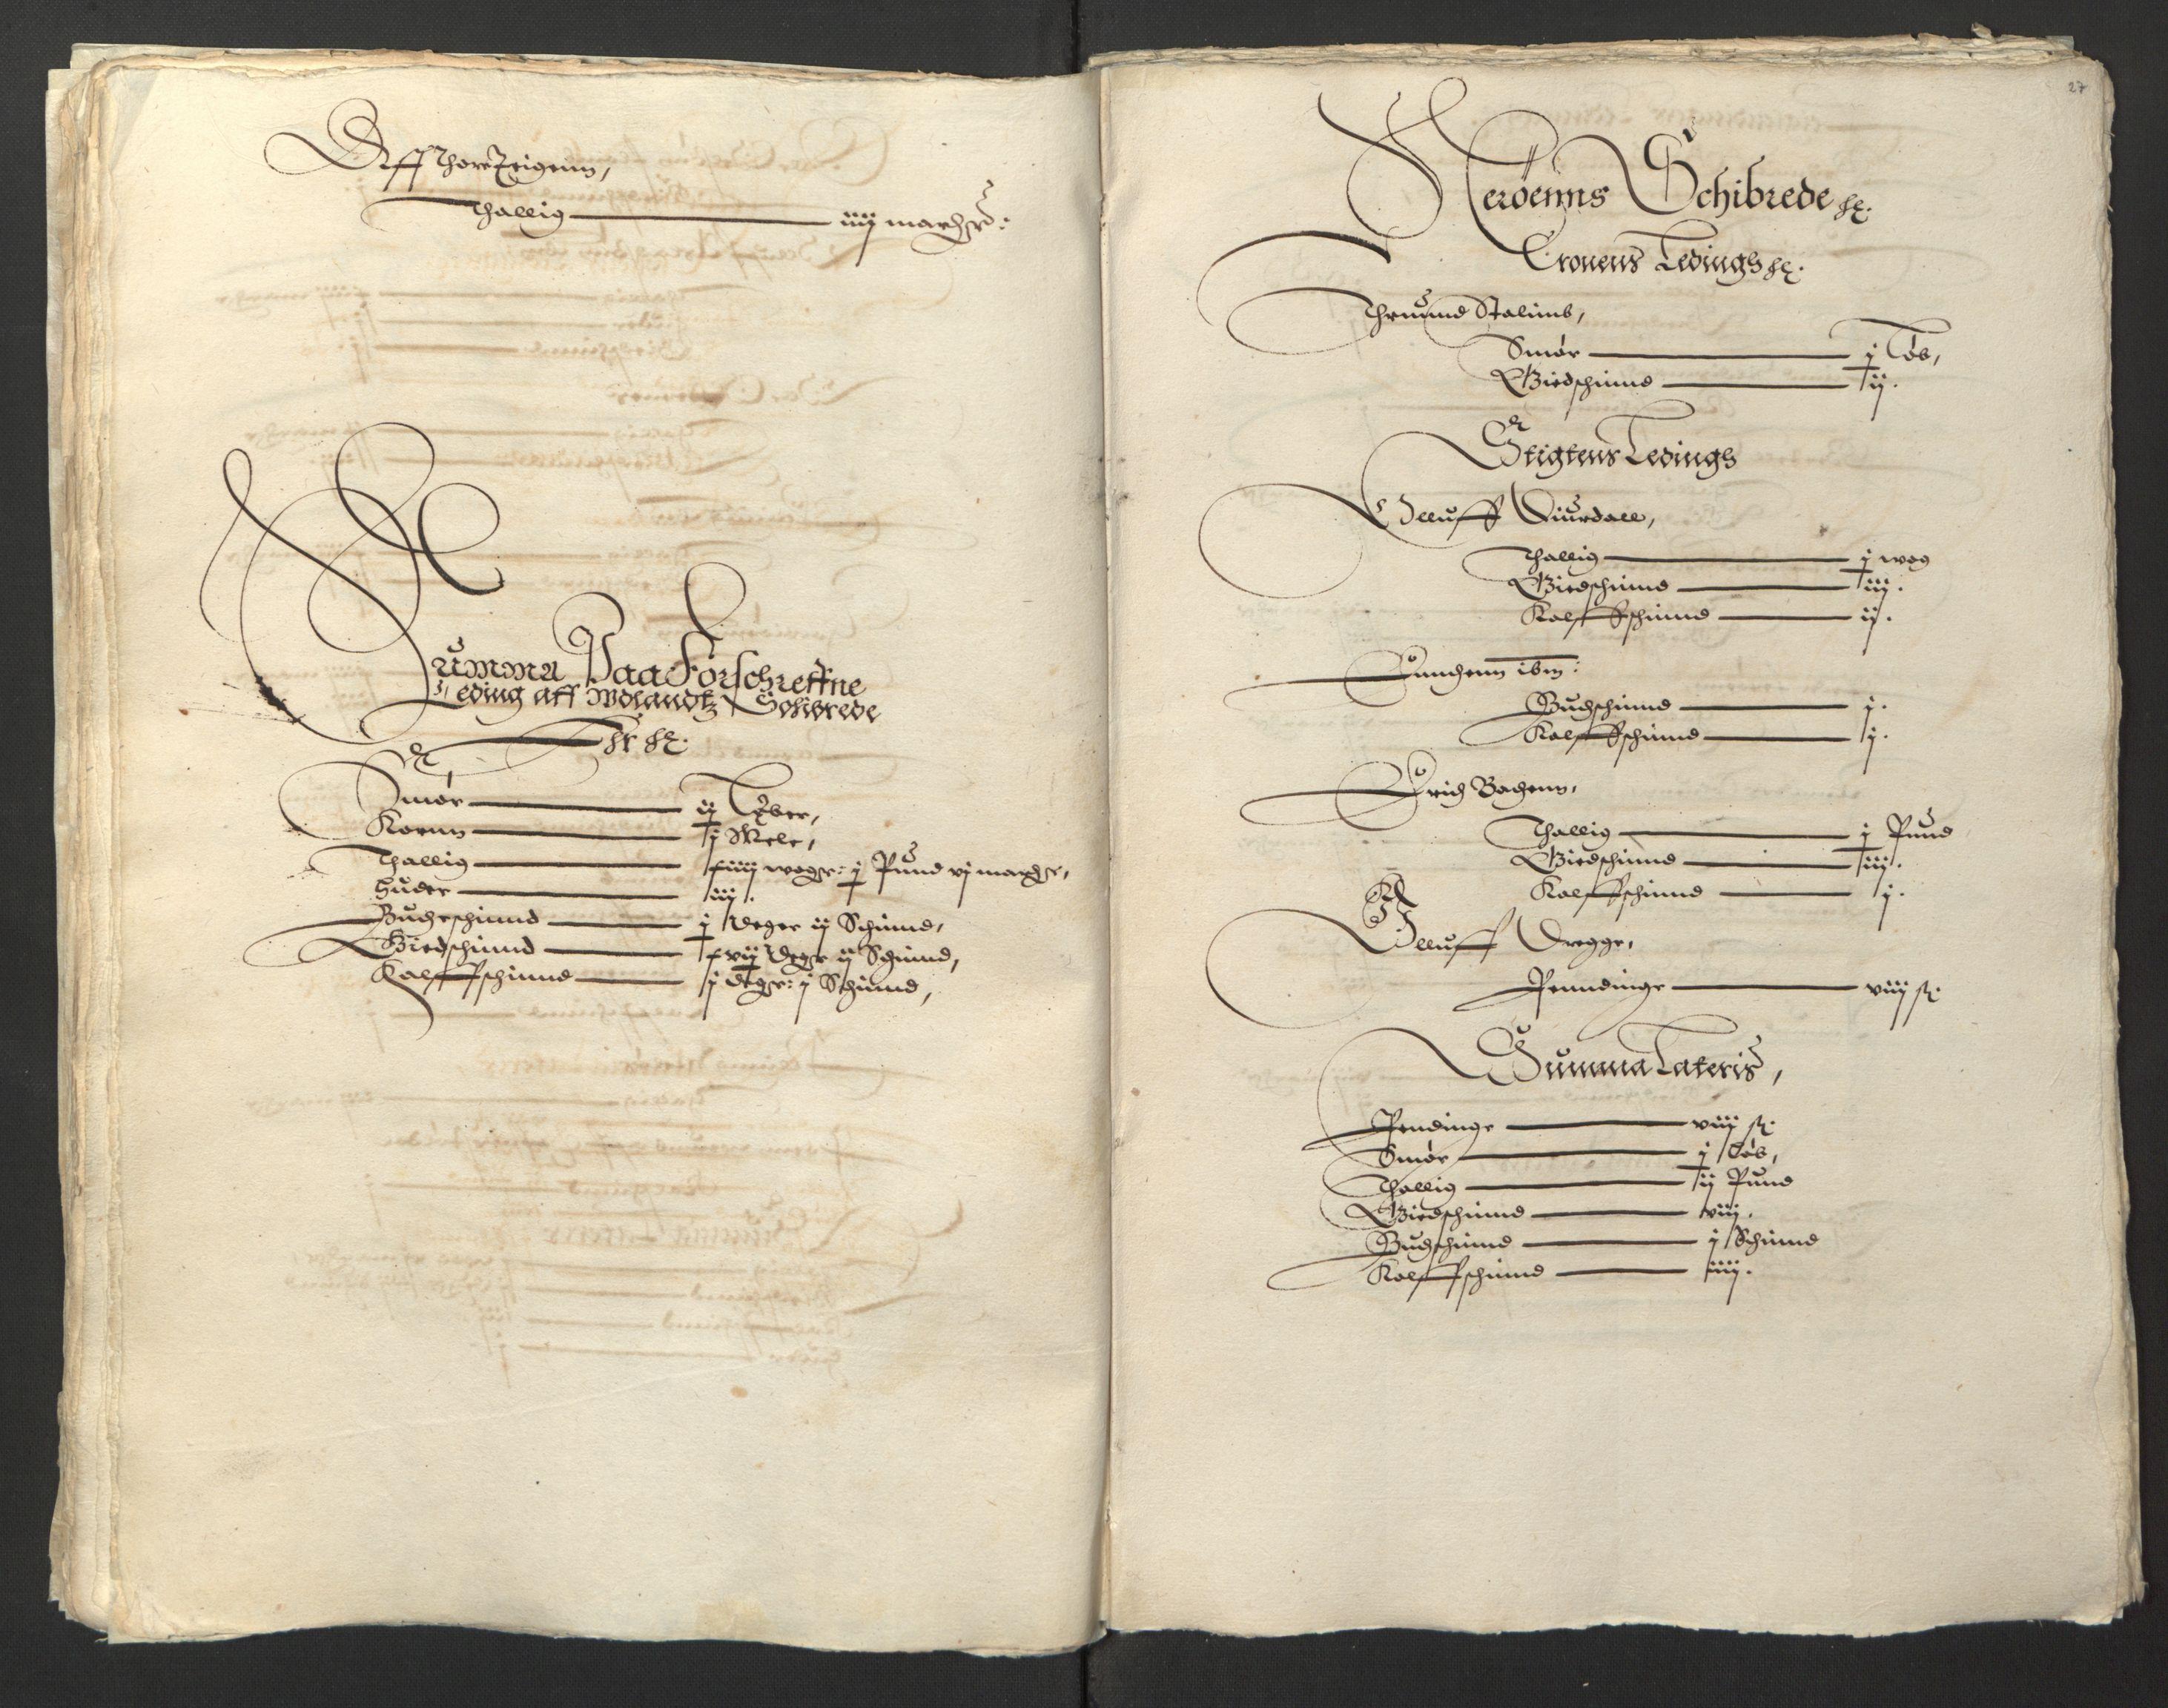 RA, Stattholderembetet 1572-1771, Ek/L0003: Jordebøker til utlikning av garnisonsskatt 1624-1626:, 1624-1625, s. 143